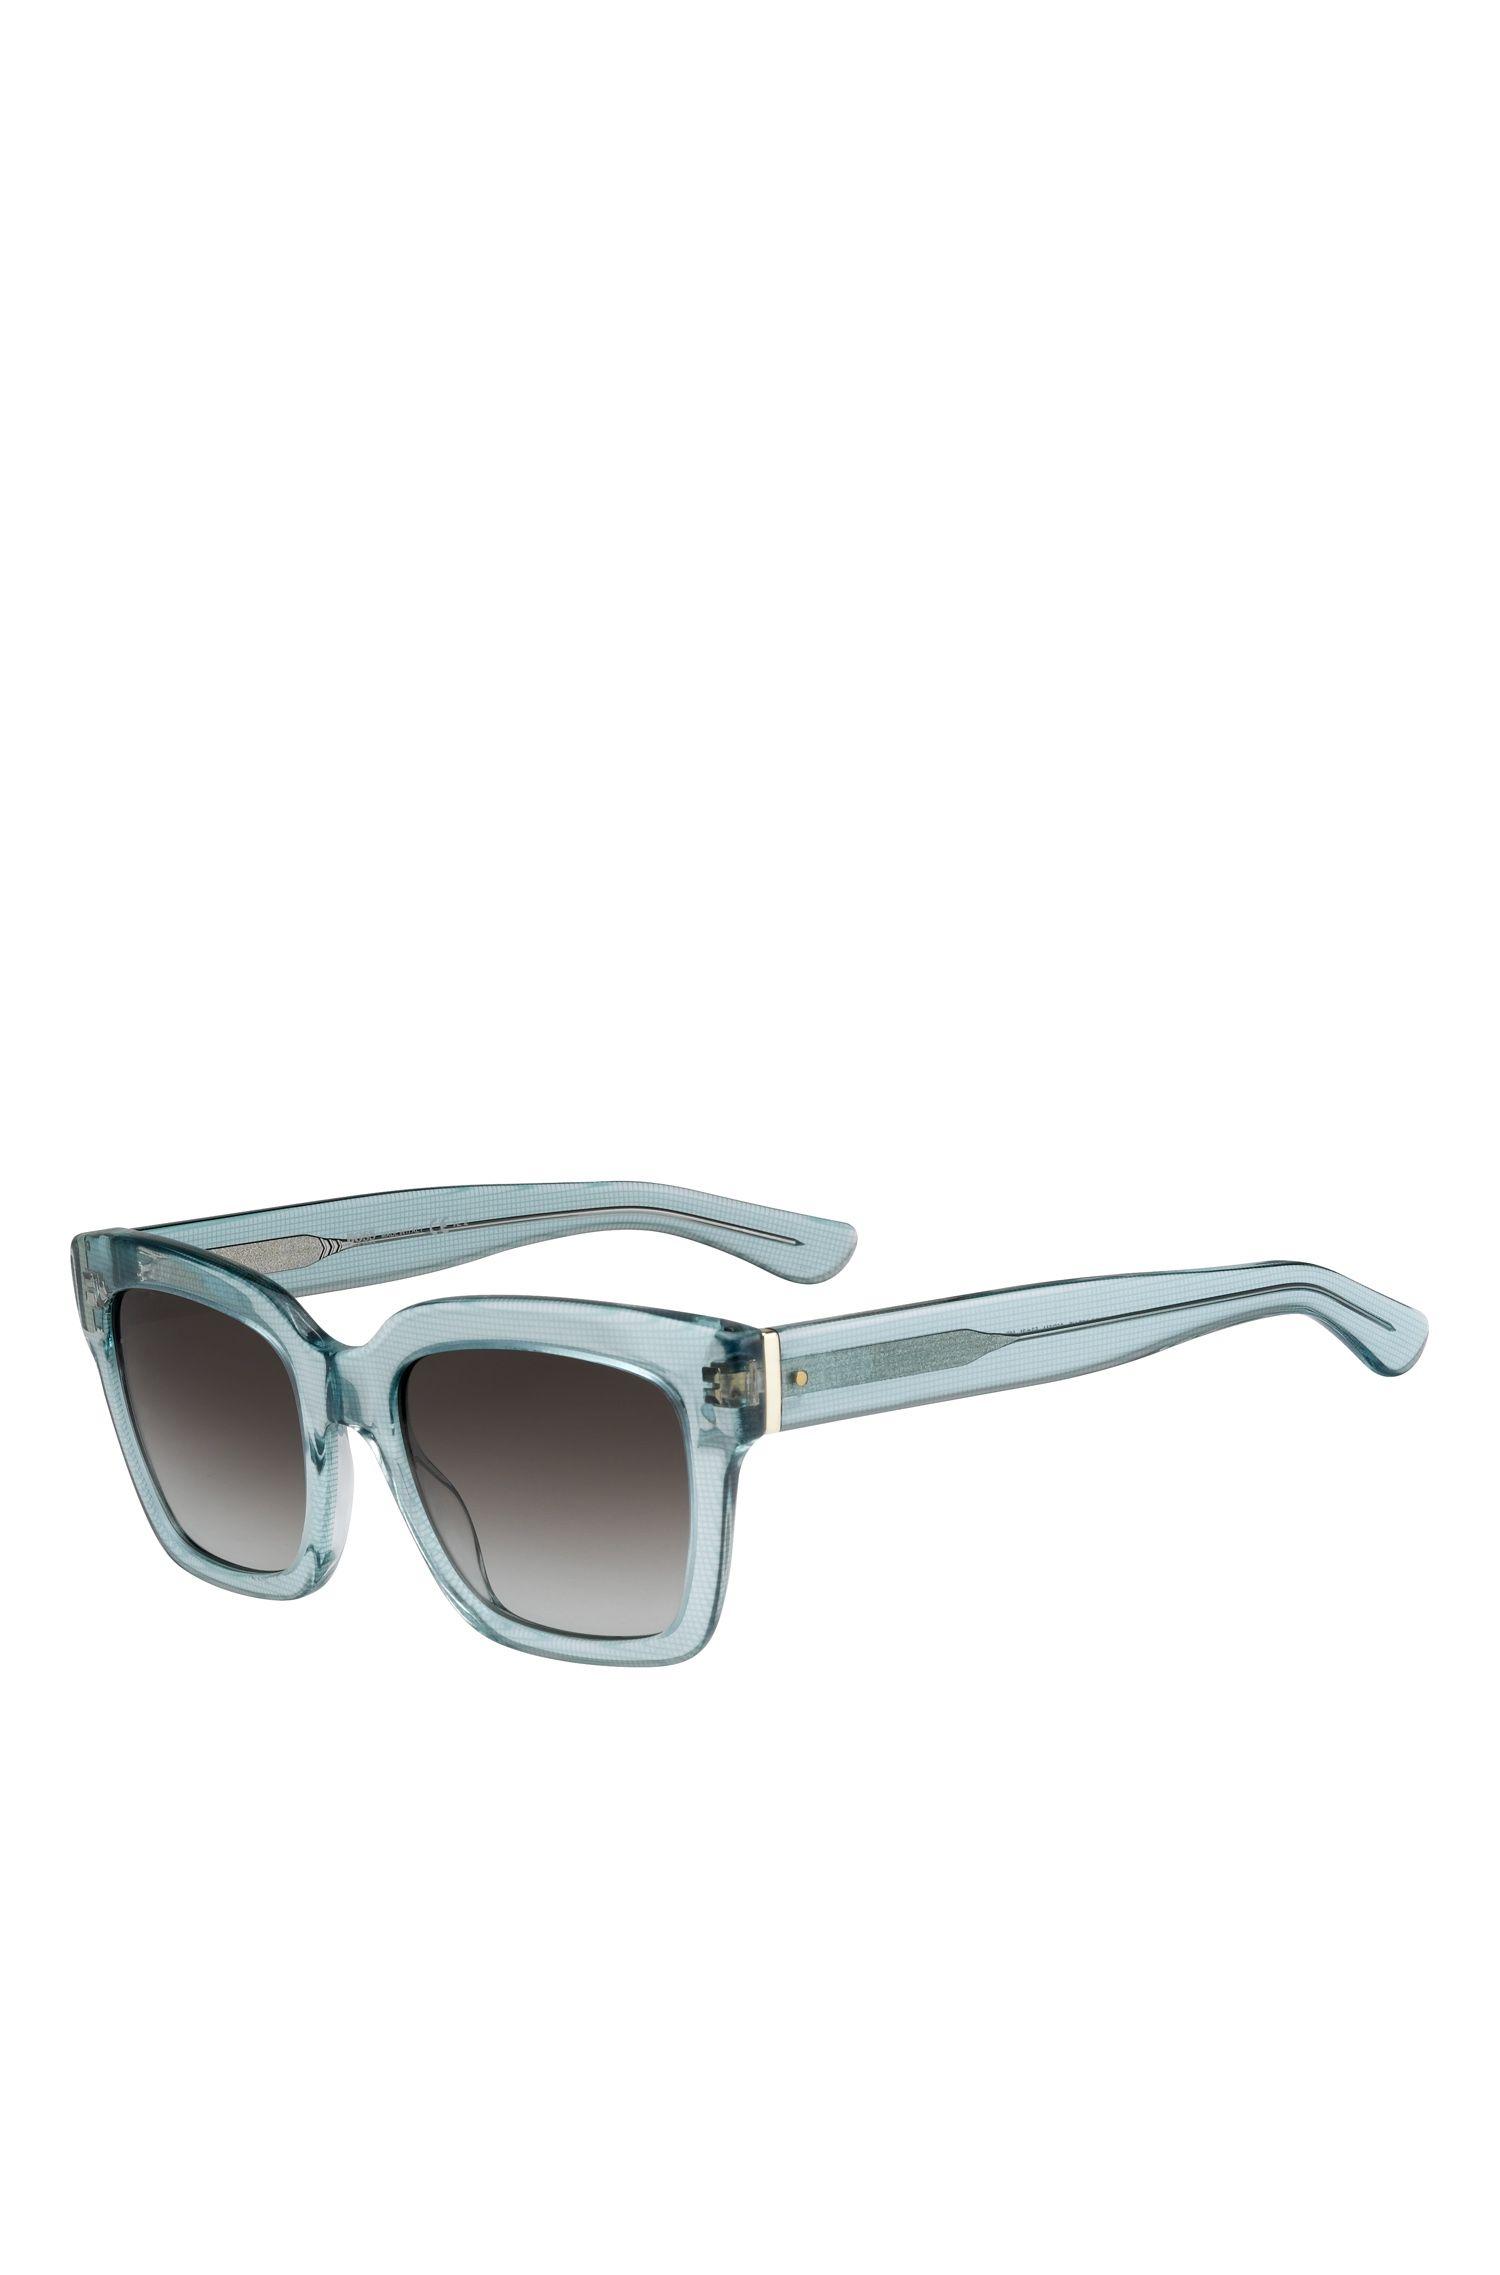 'BOSS 0674S'   Gray Gradient Lens Rectangular Sunglasses